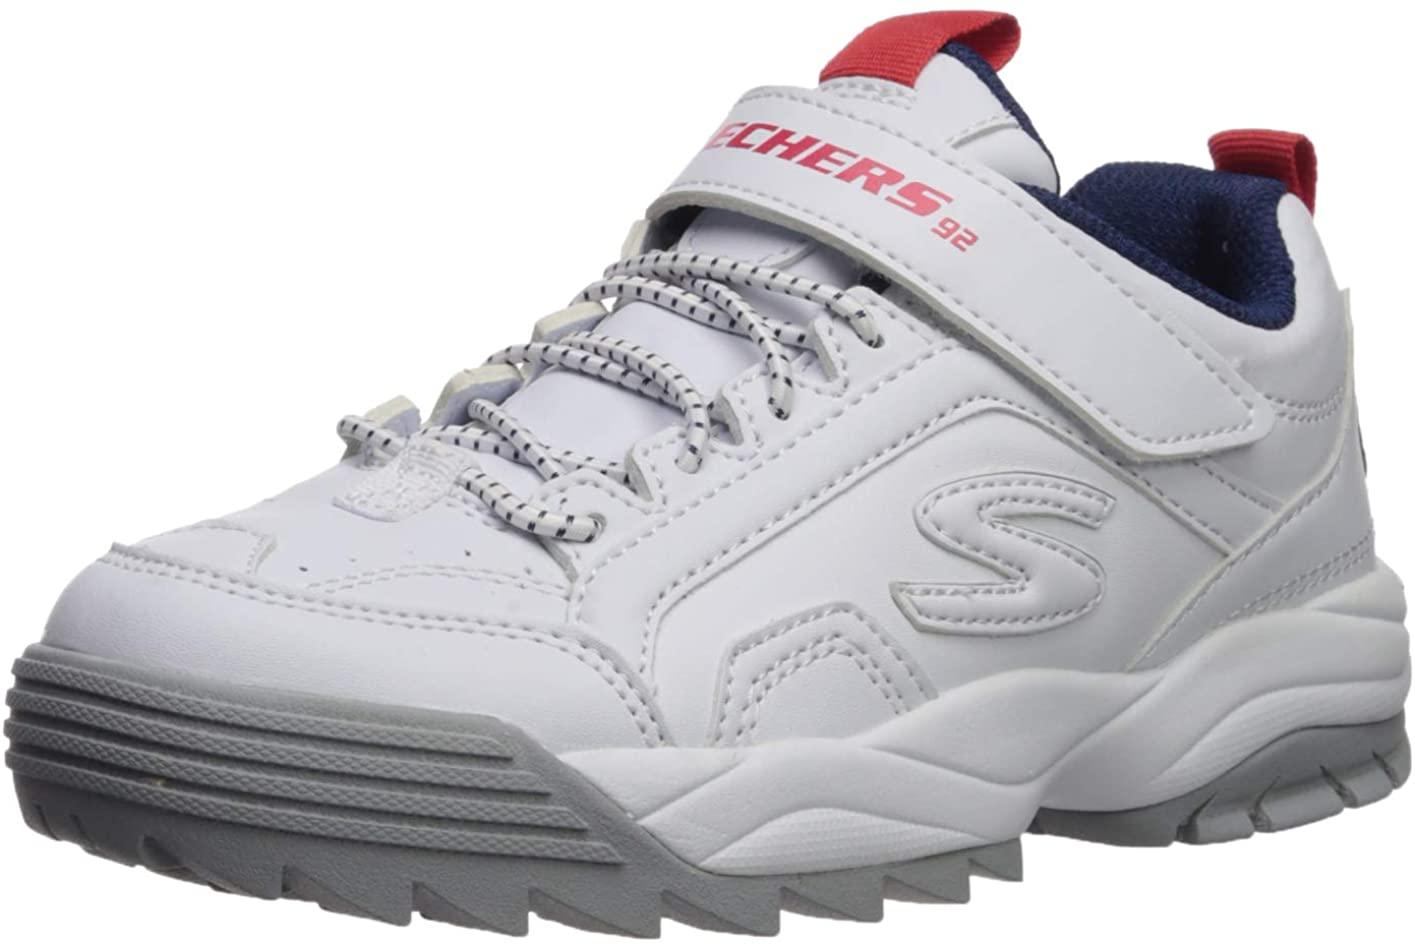 스케처스 유니섹스-차일드 인터시프트-테트로스 교복 신발